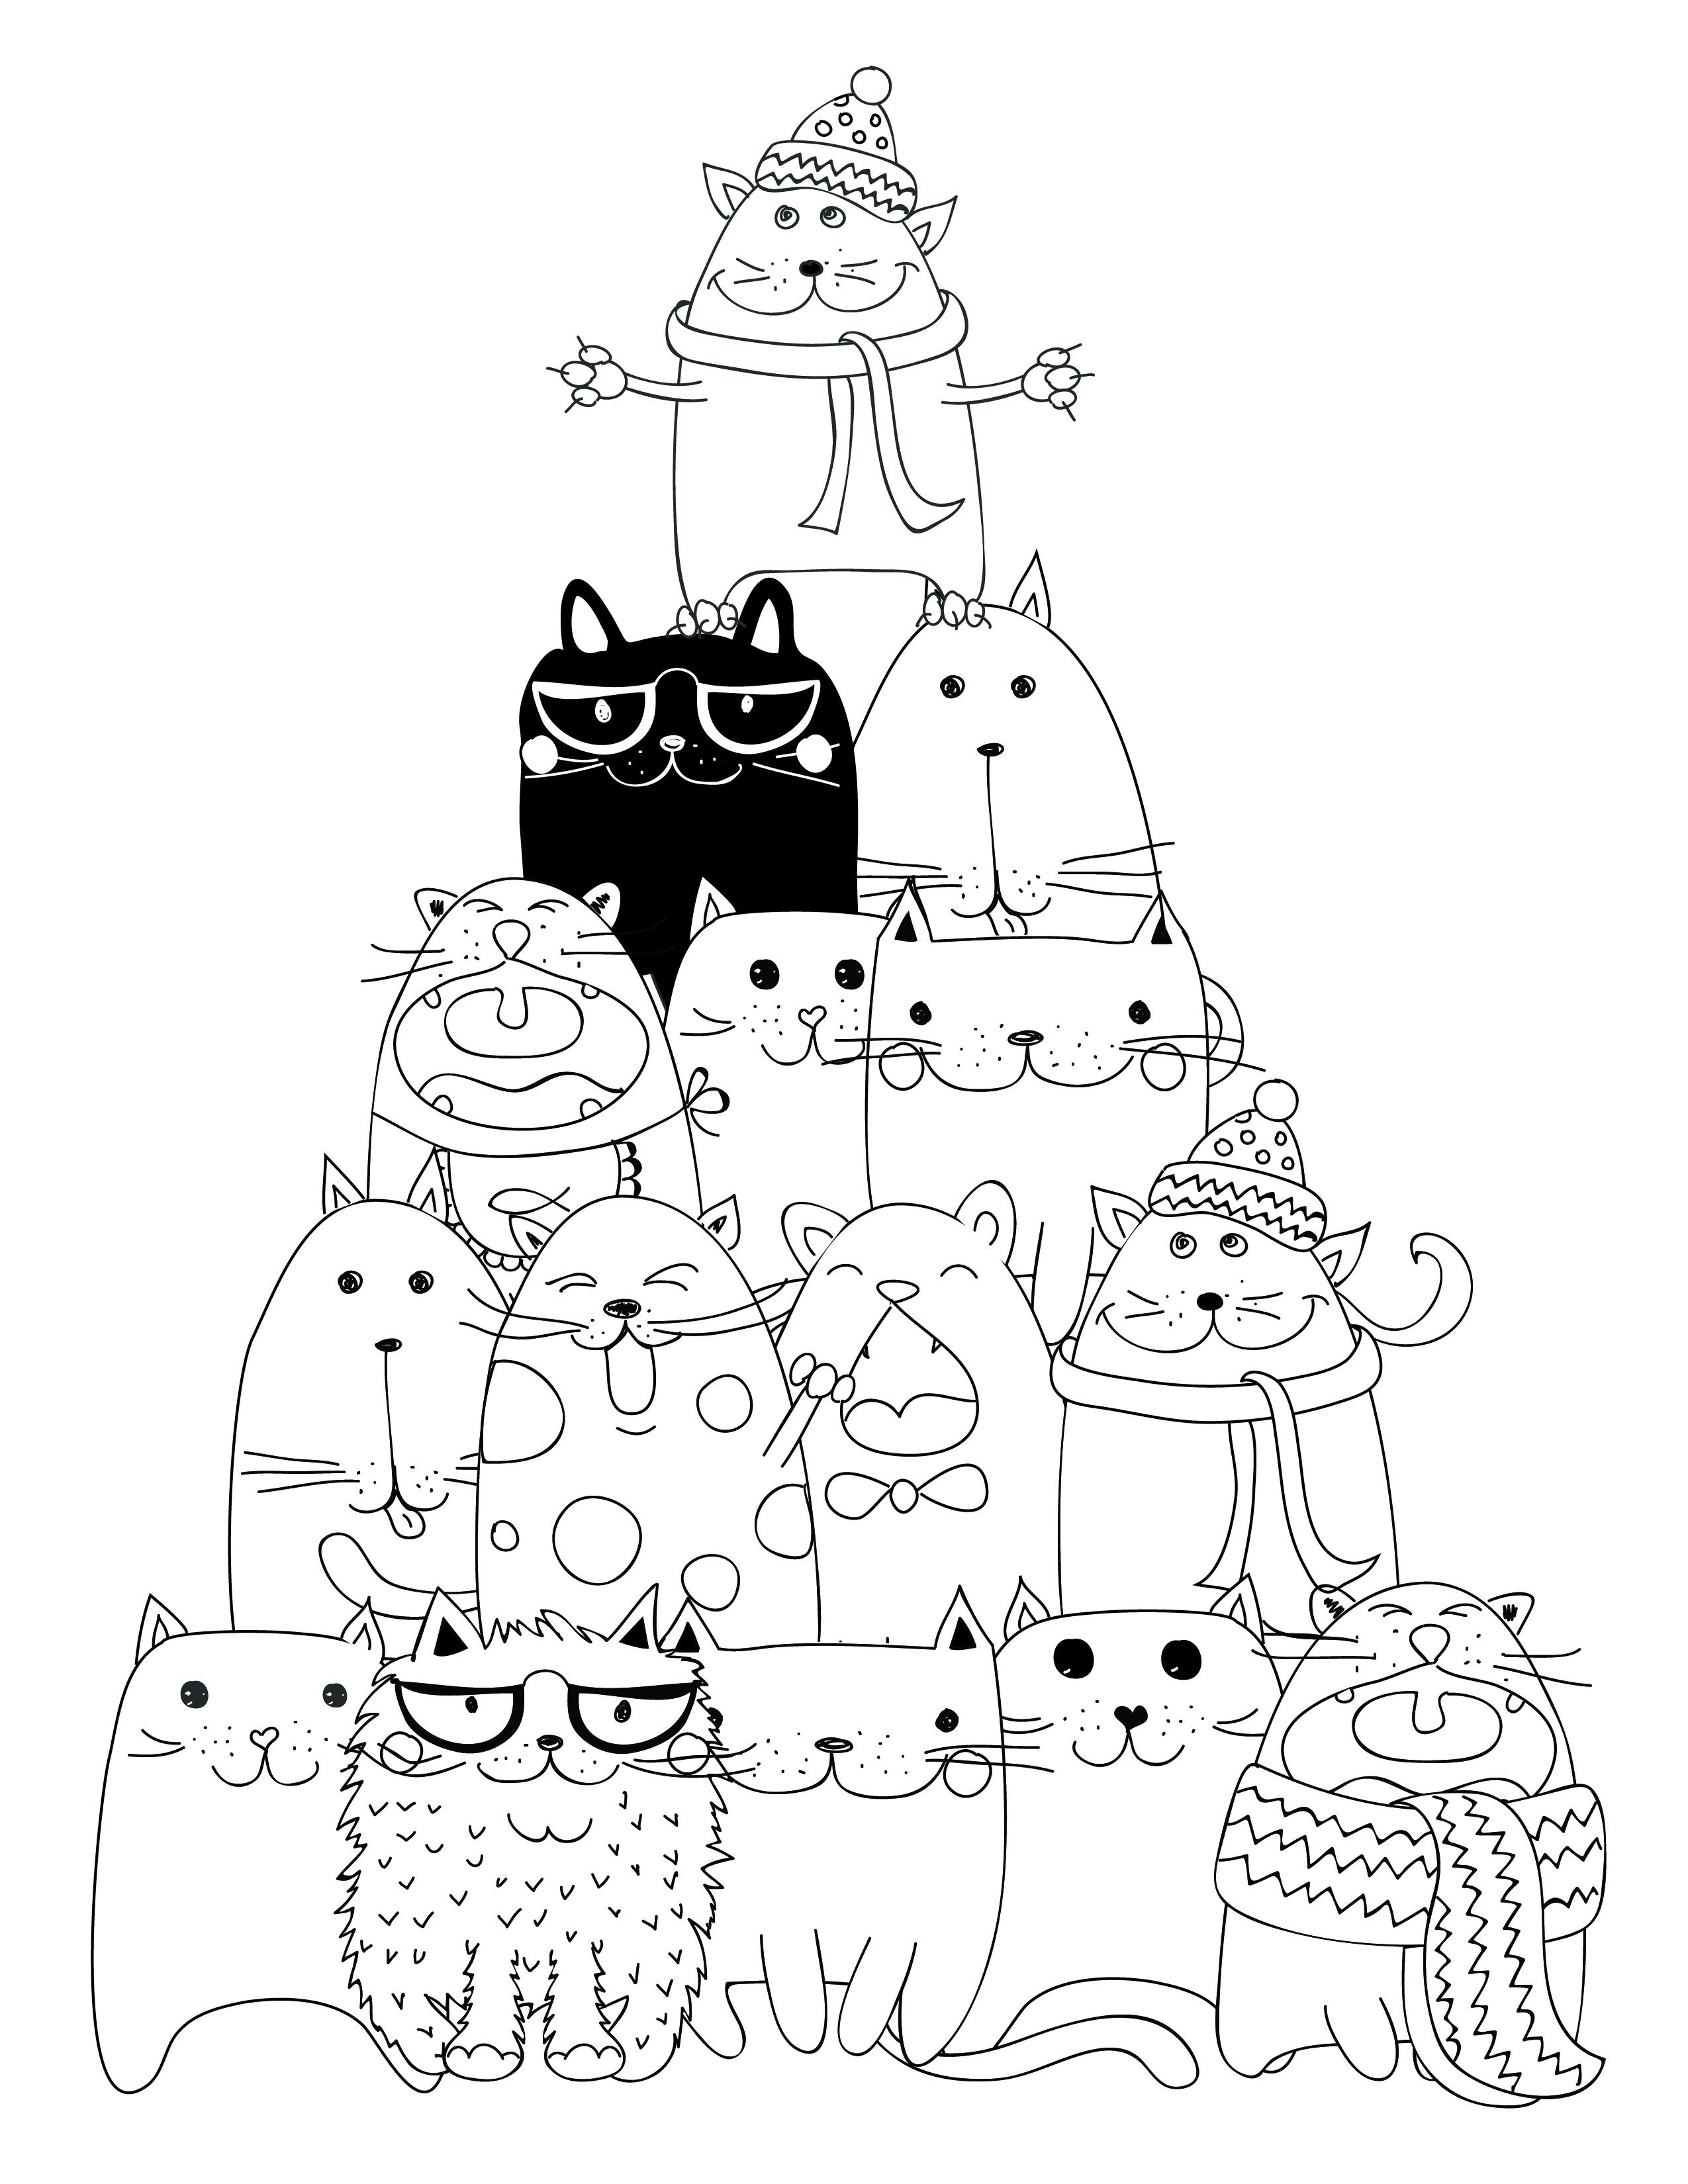 Dessin À Imprimer Pyramide Chat Coloriage - Artherapie.ca à Coloriage Cactus A Imprimer Gratuit